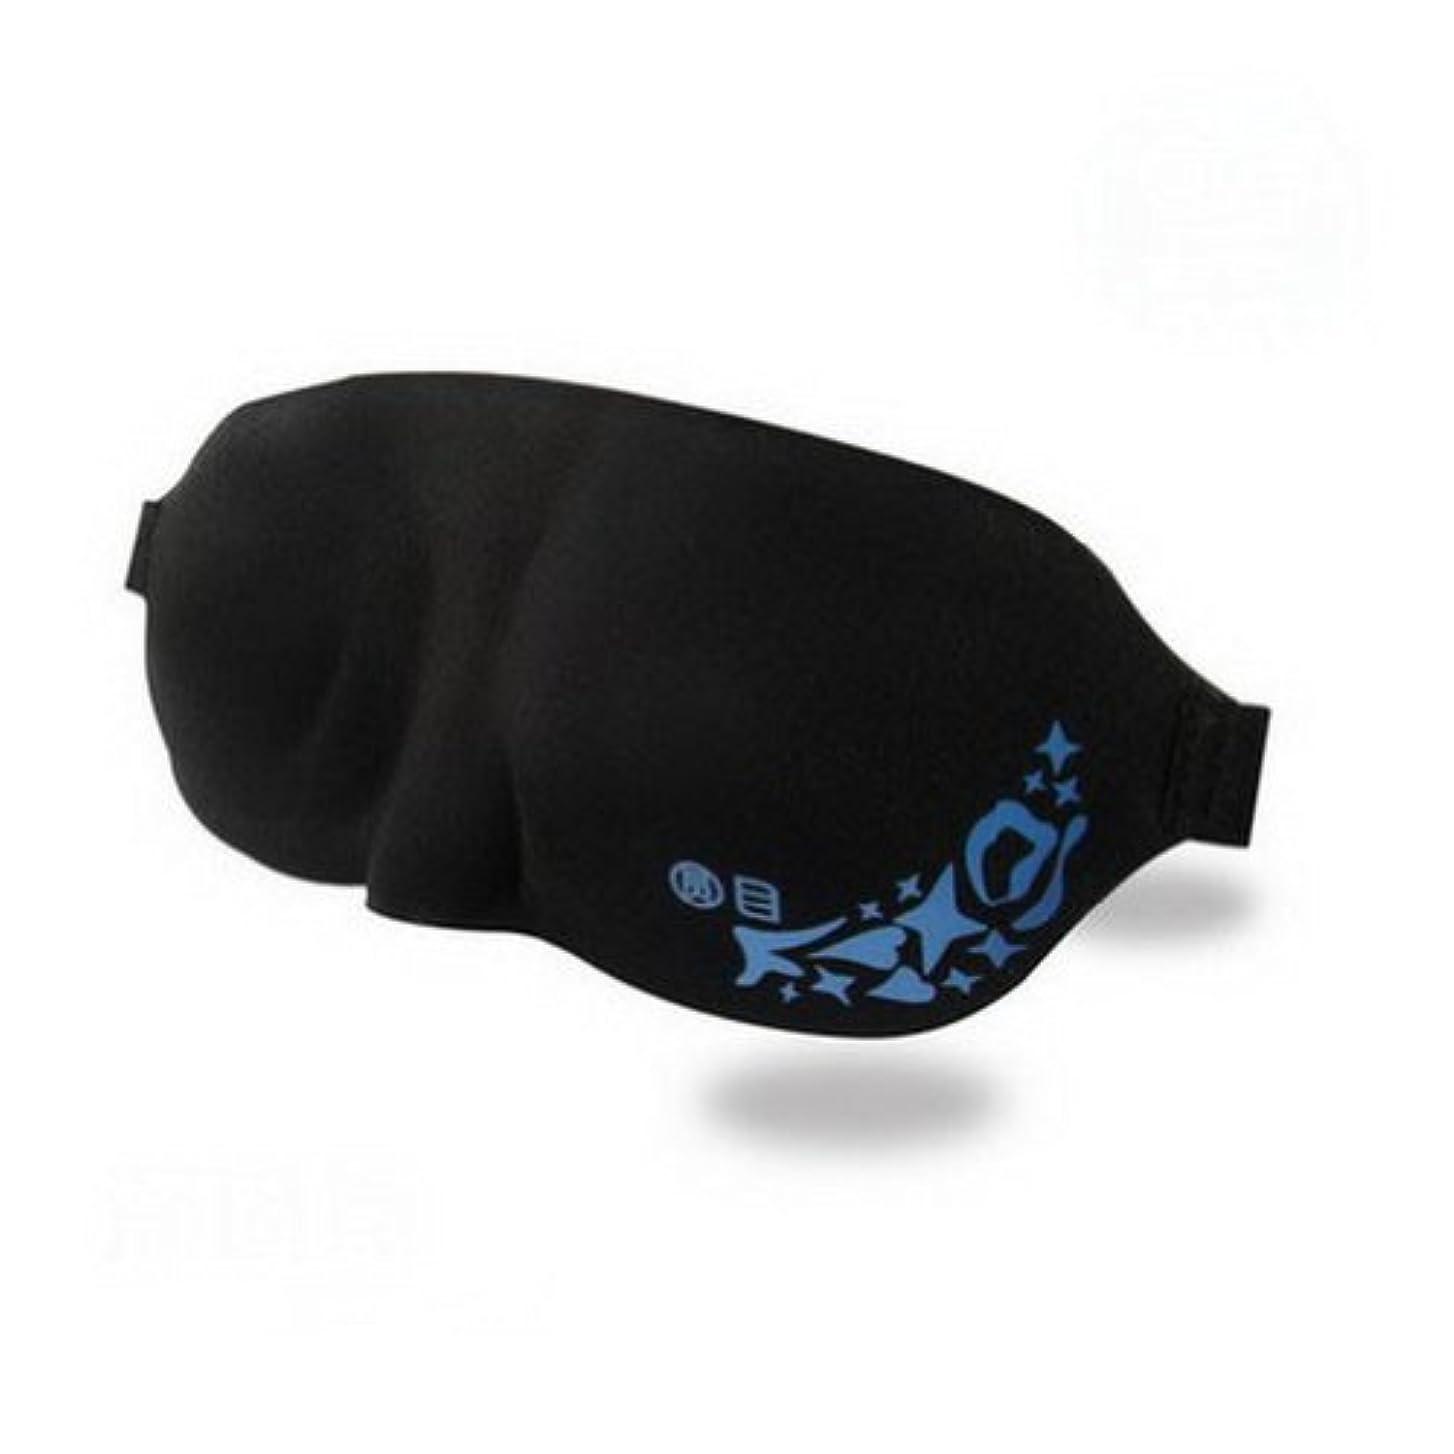 船乗りミスペンドレパートリー援助カバー旅行および仮眠のための3D睡眠の目マスクの目パッチの目隠しの陰